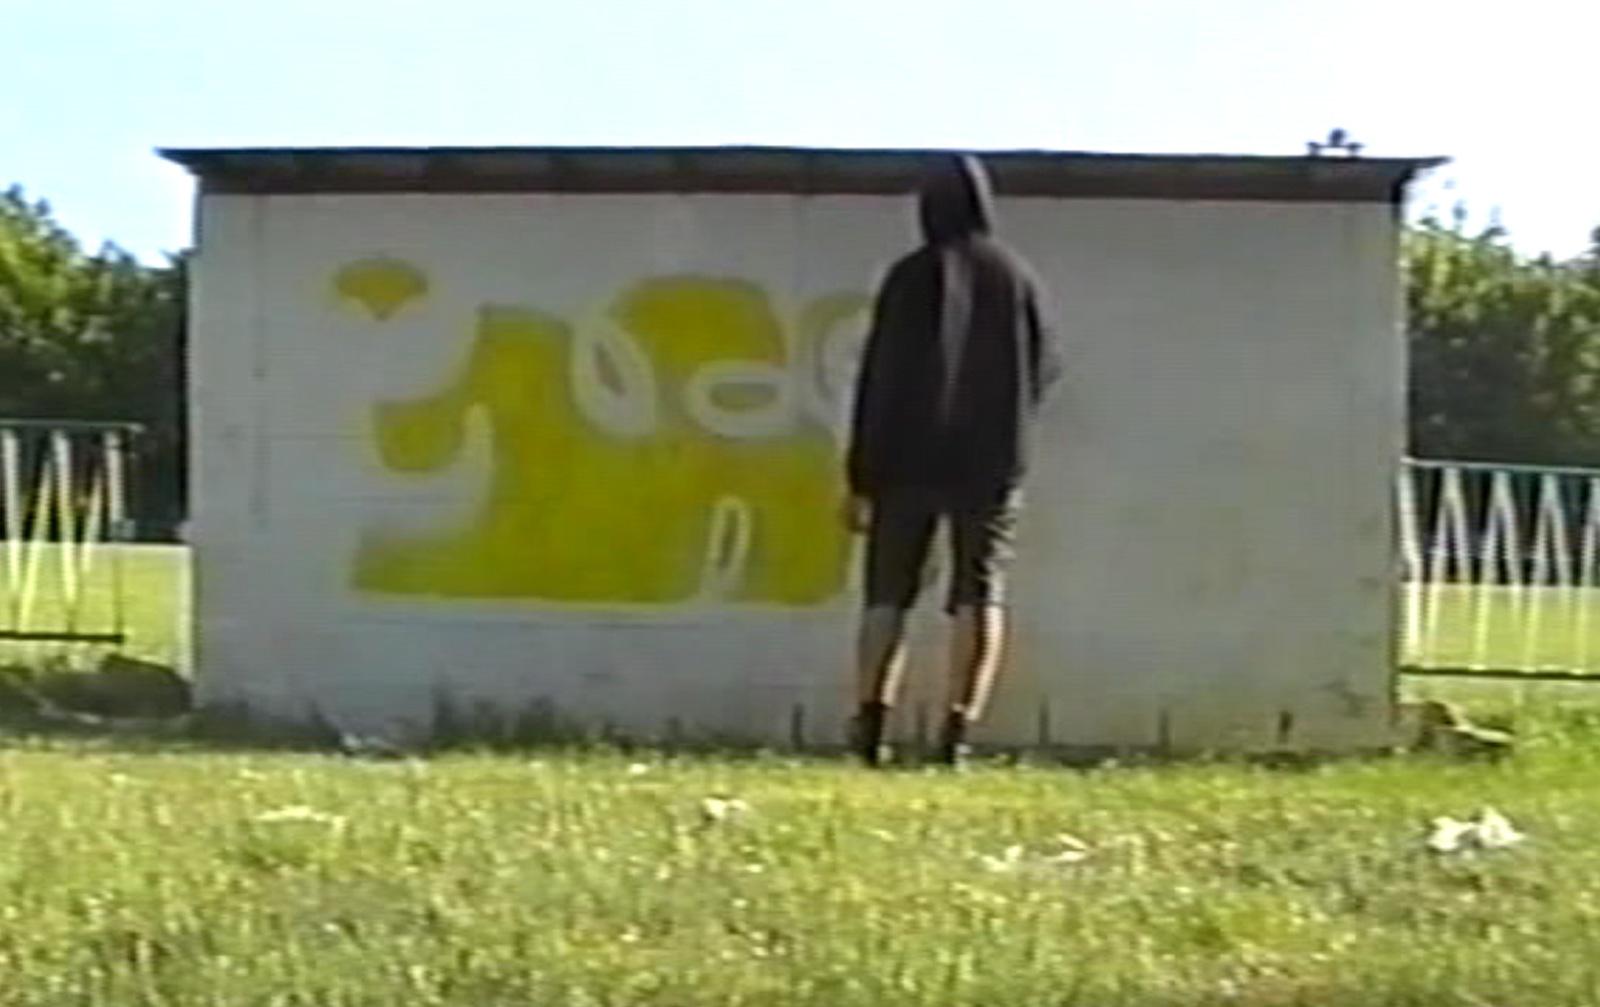 Ungraffiti